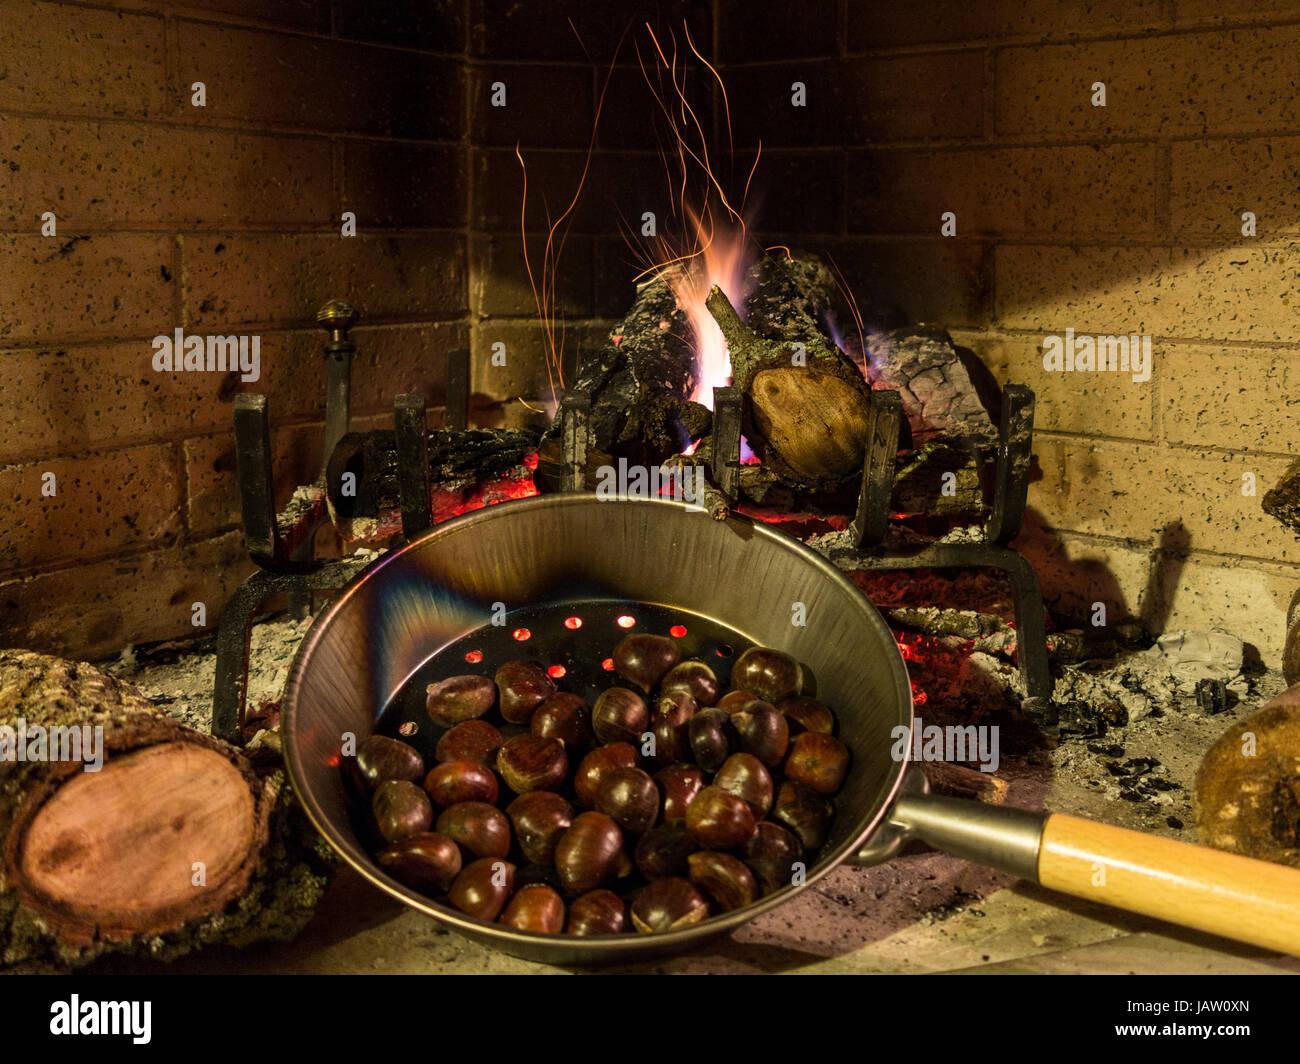 kastanien in einer pfanne braten auf einem gl henden feuer mit flammen und glut stockfoto bild. Black Bedroom Furniture Sets. Home Design Ideas